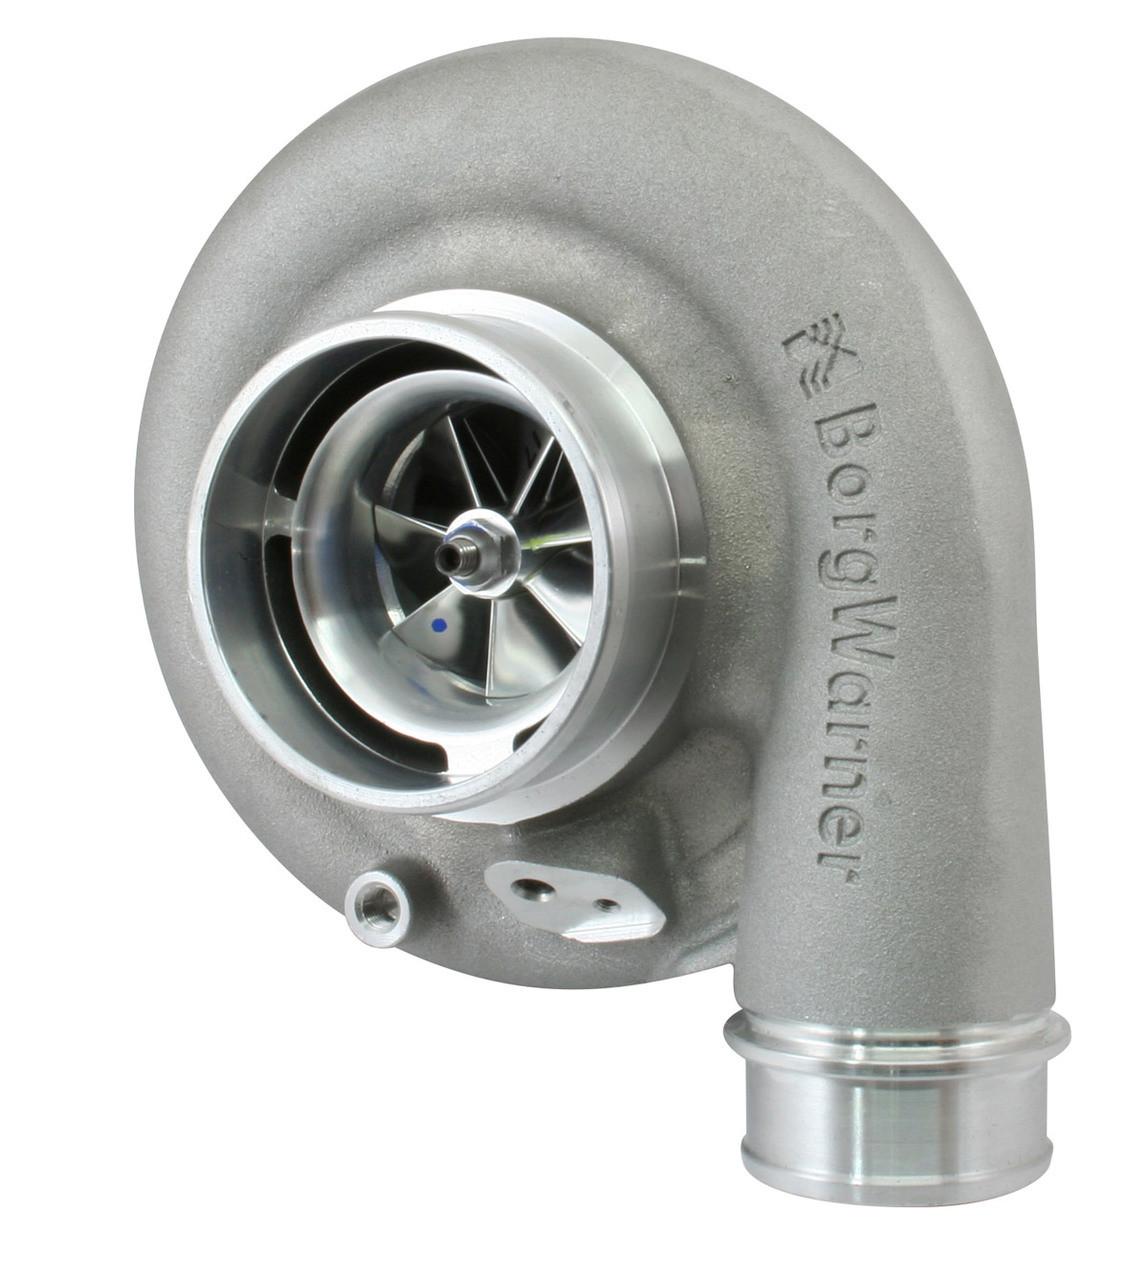 Shop Turbo Specific: Borg Warner S363 SX-E 8780 63/73 13009097047